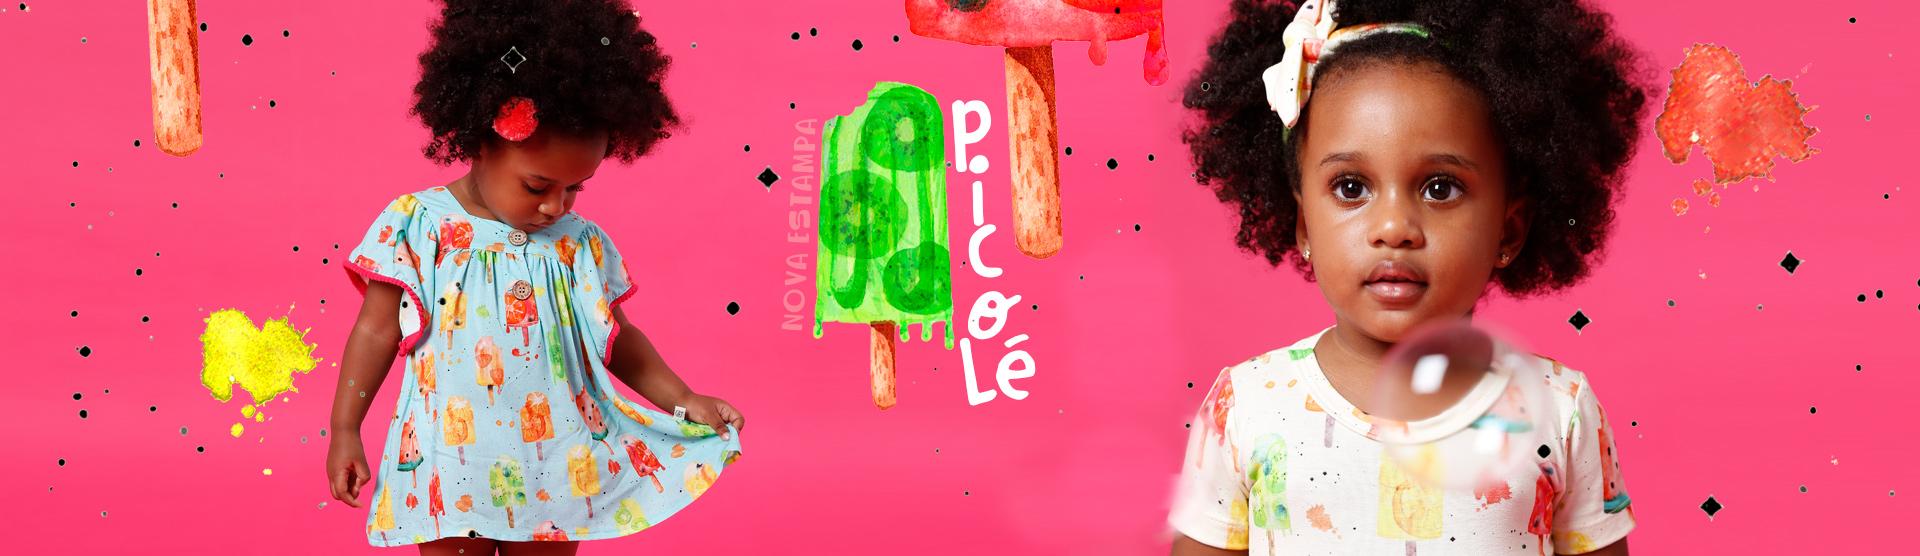 Banner Picolé